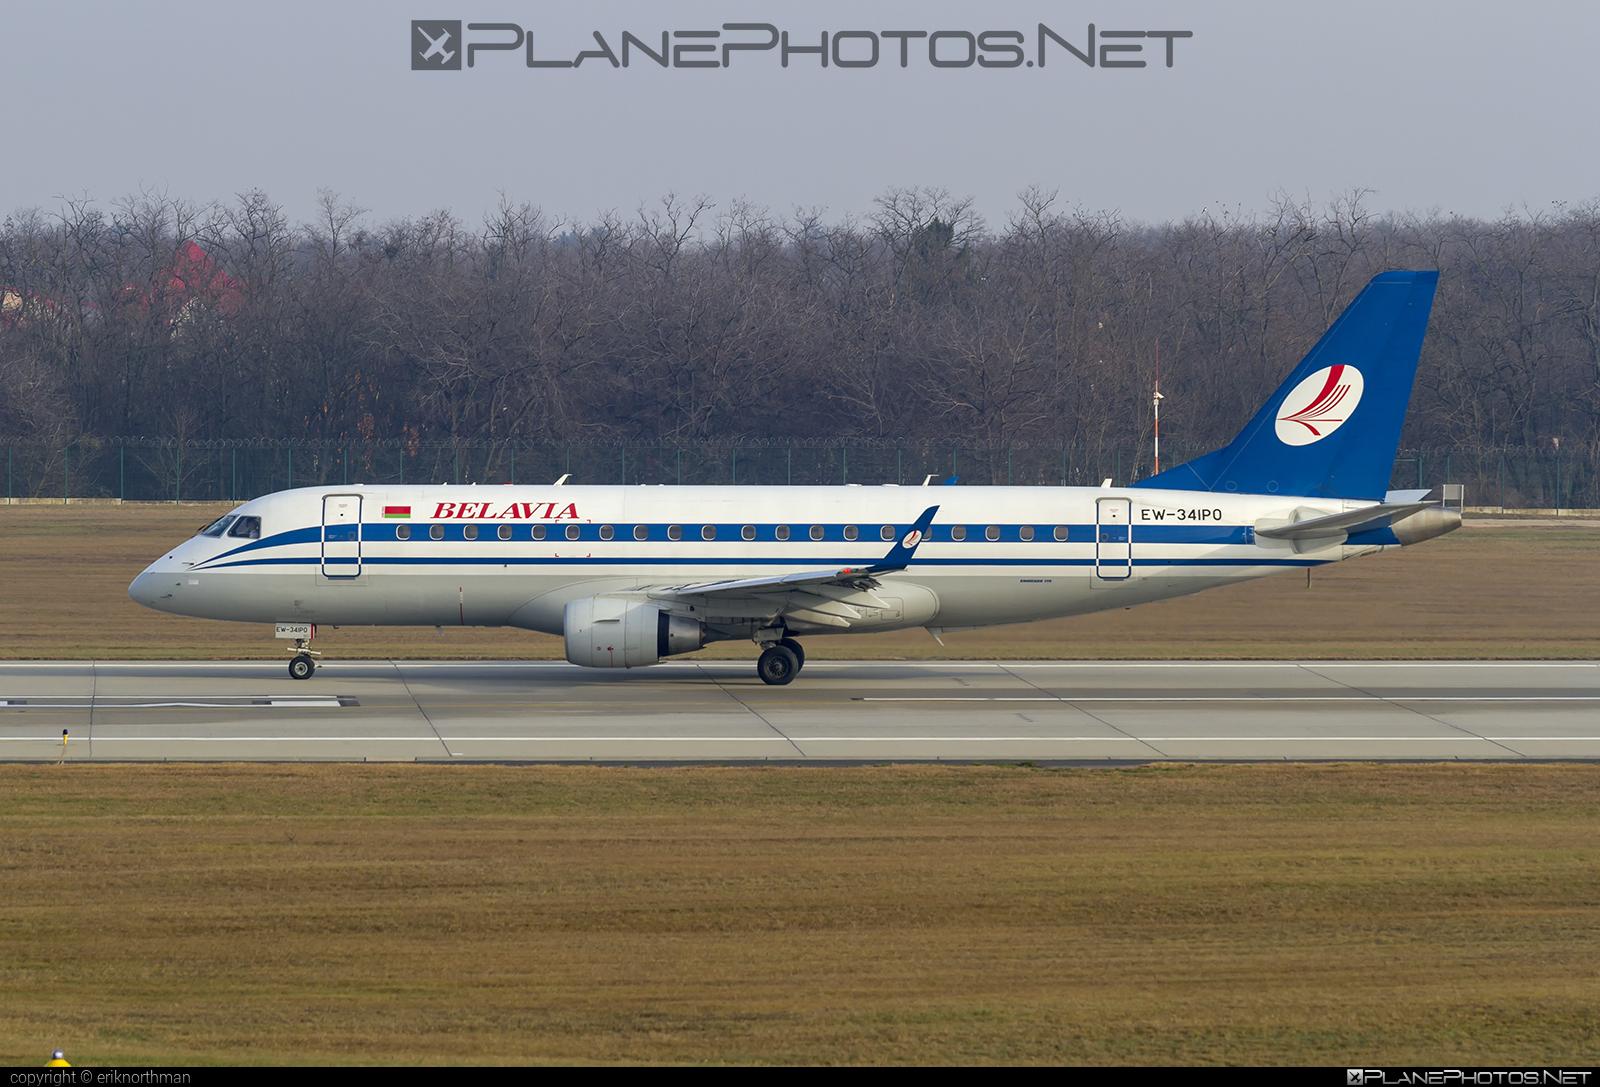 Embraer E175LR (ERJ-170-200LR) - EW-341PO operated by Belavia Belarusian Airlines #belavia #e175 #embraer #embraer175 #embraer175lr #erj170200 #erj170200lr #erj175 #erj175lr